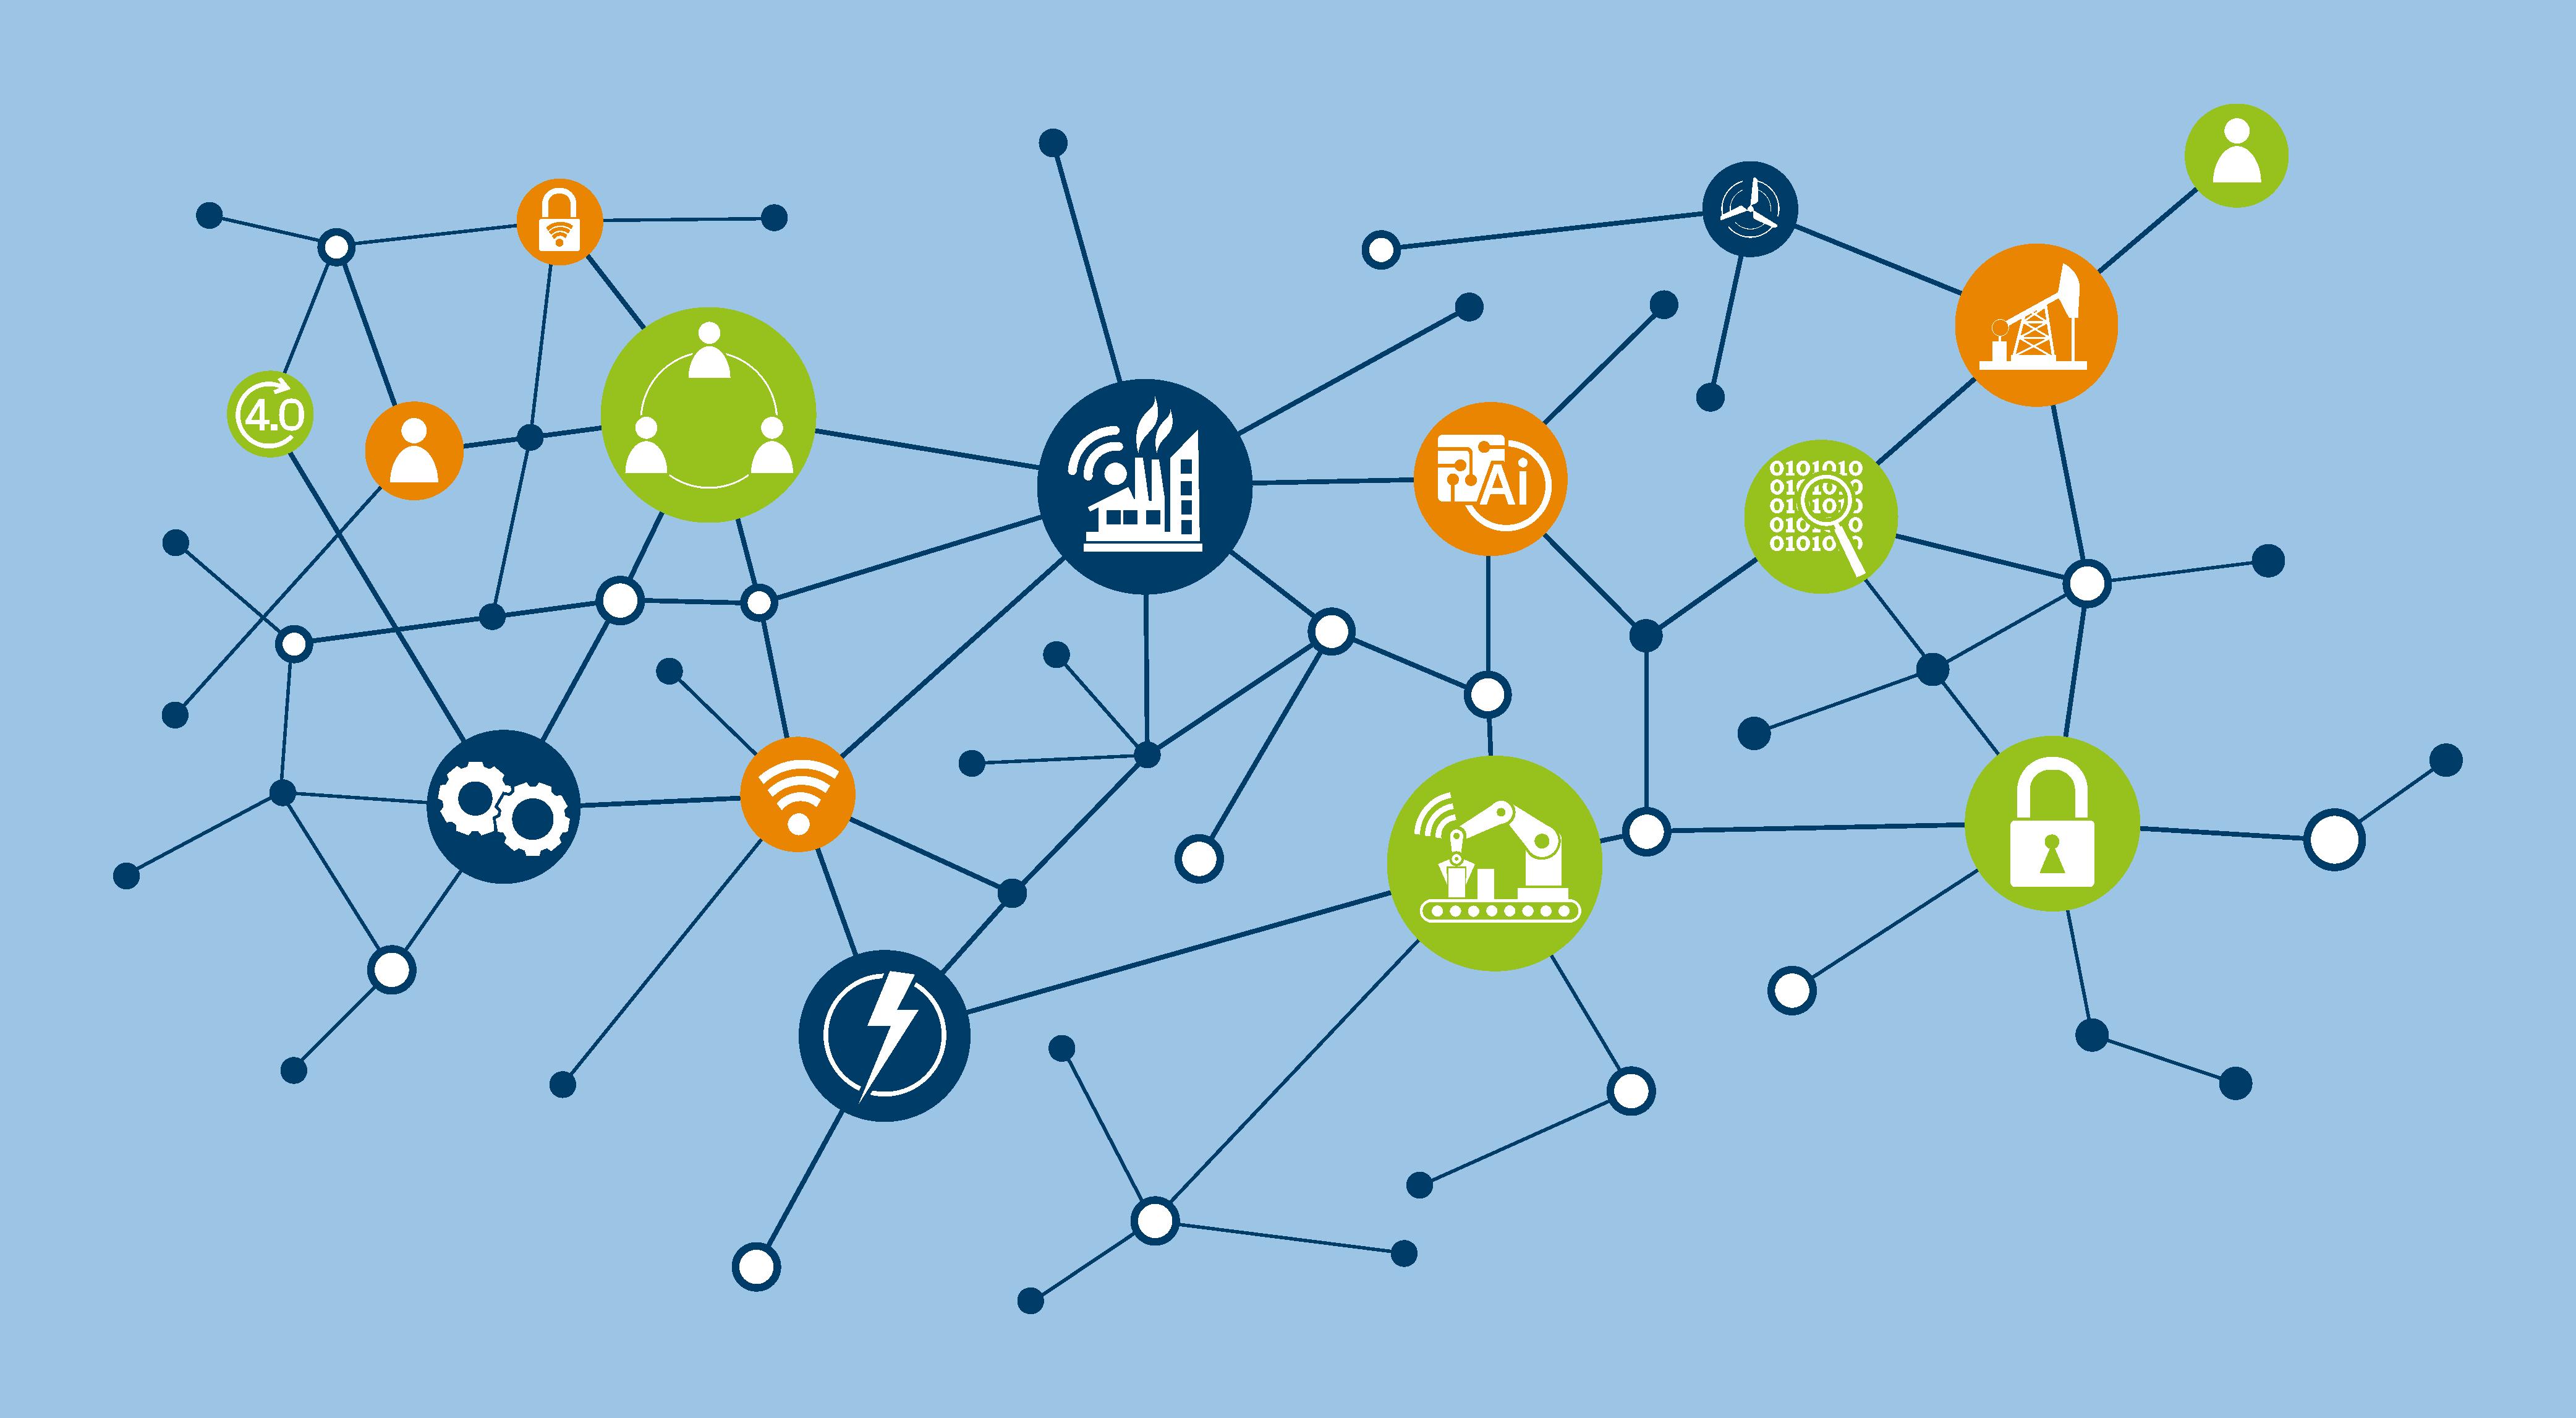 arstellung der Vernetzung von Menschen, Objekten und Systemem in der Industrie 4.0